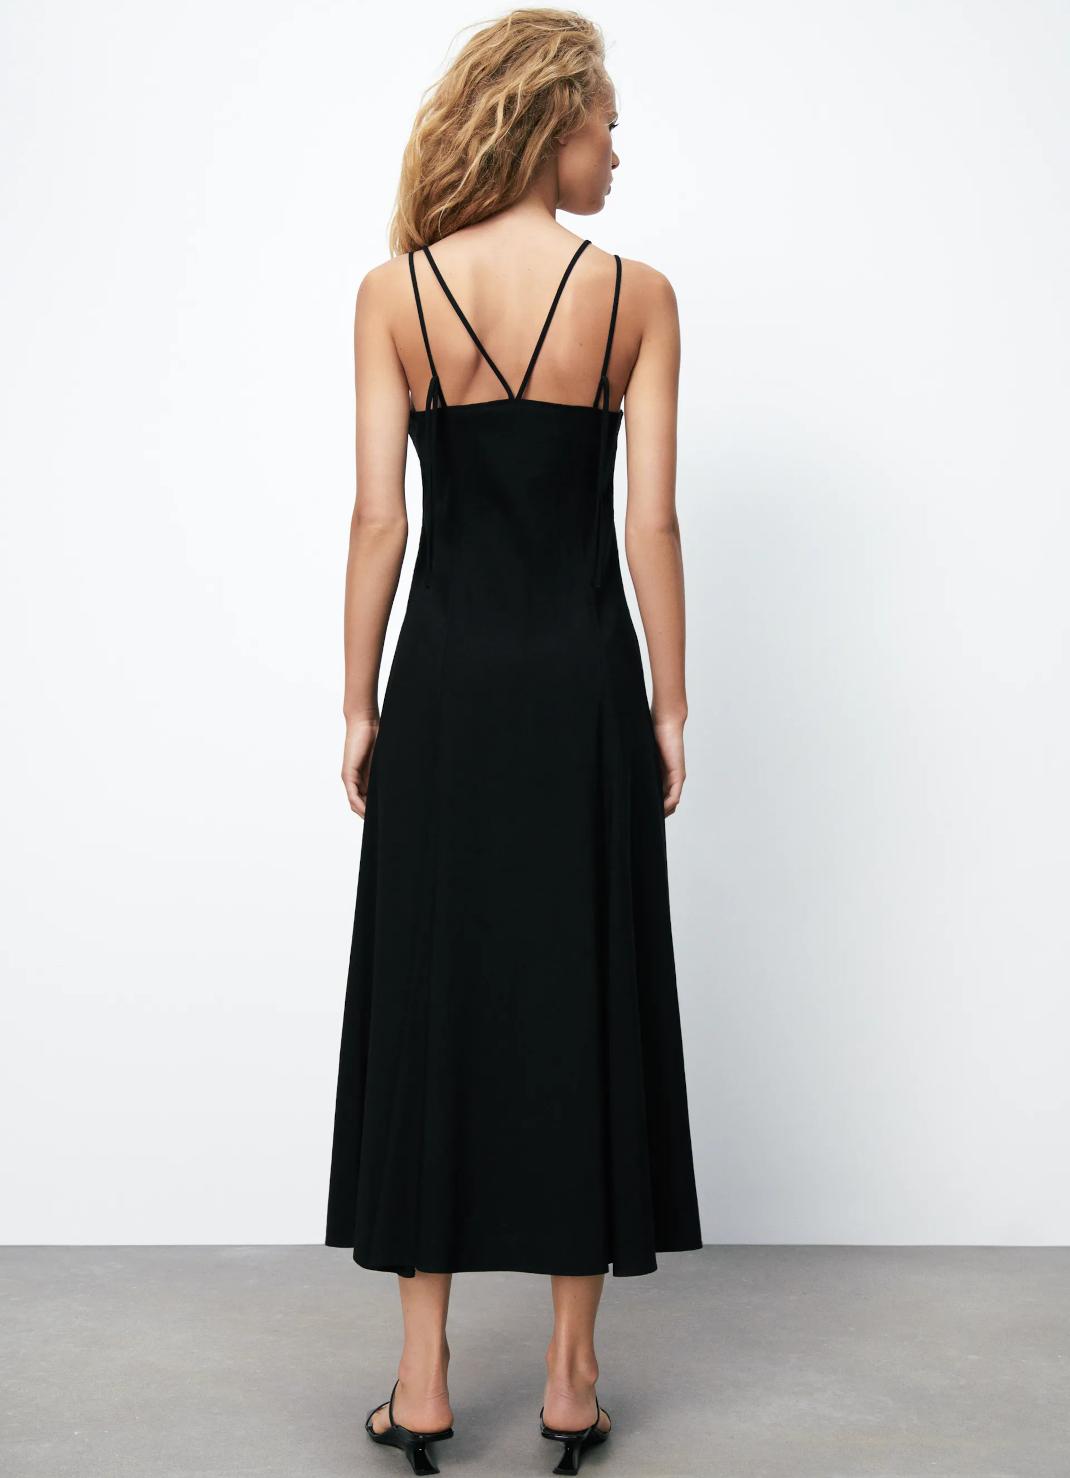 γυναίκα με μαύρο φόρεμα